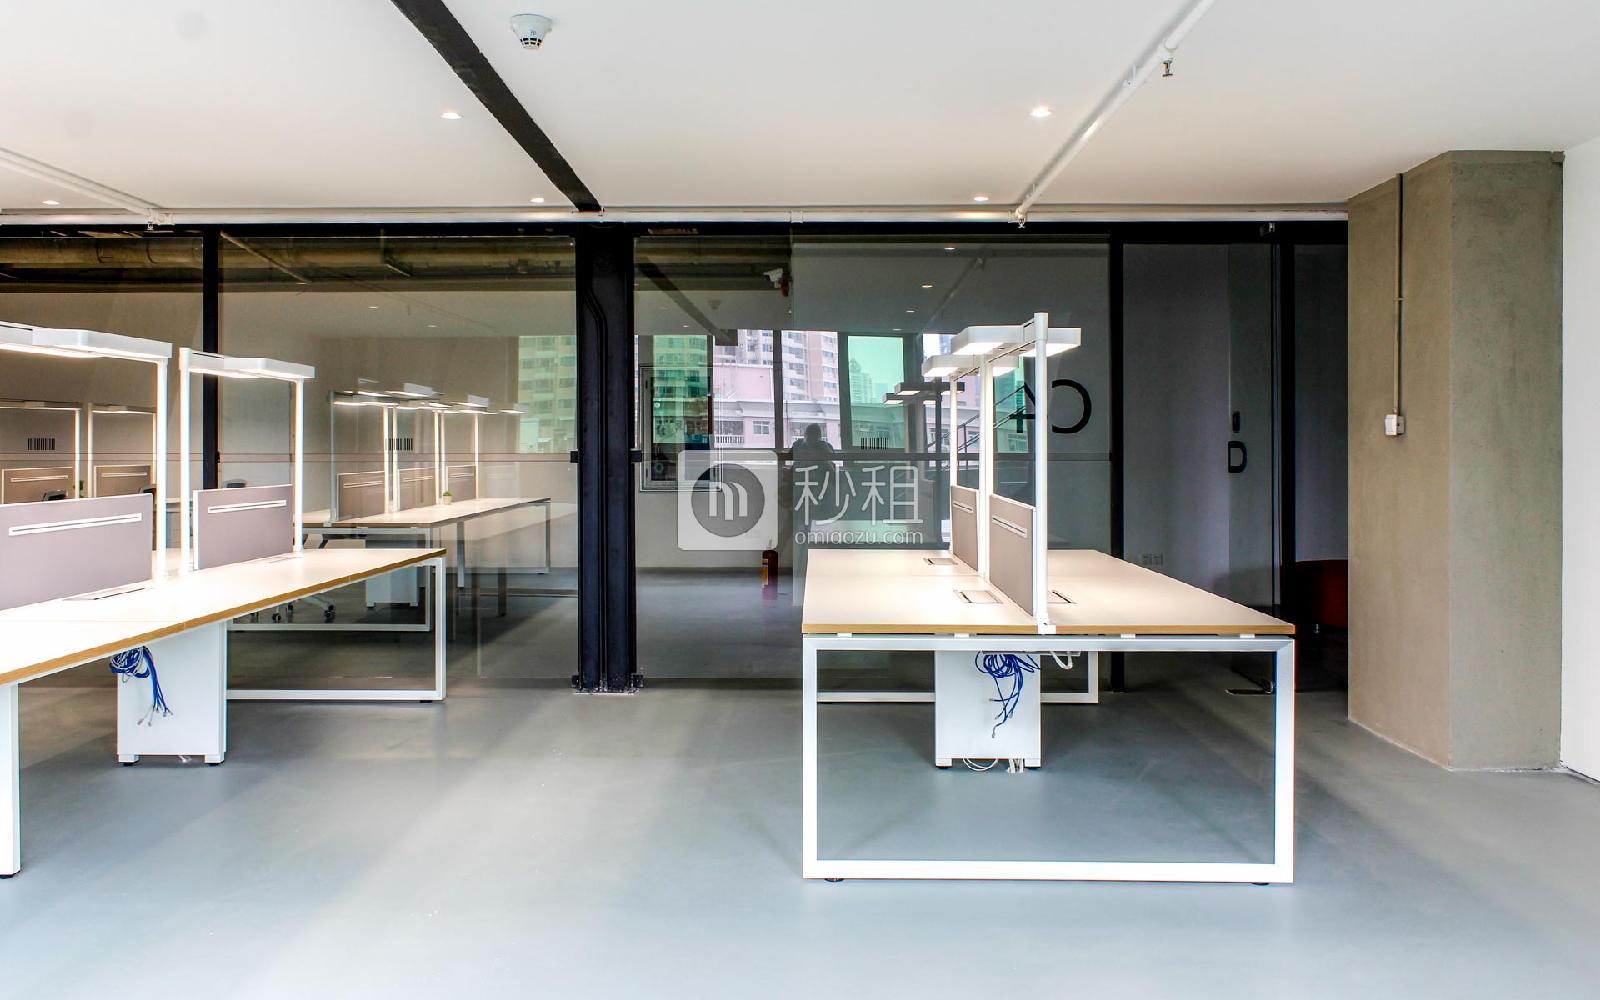 都市名园-MFG创客联邦写字楼出租80平米精装办公室30000元/间.月